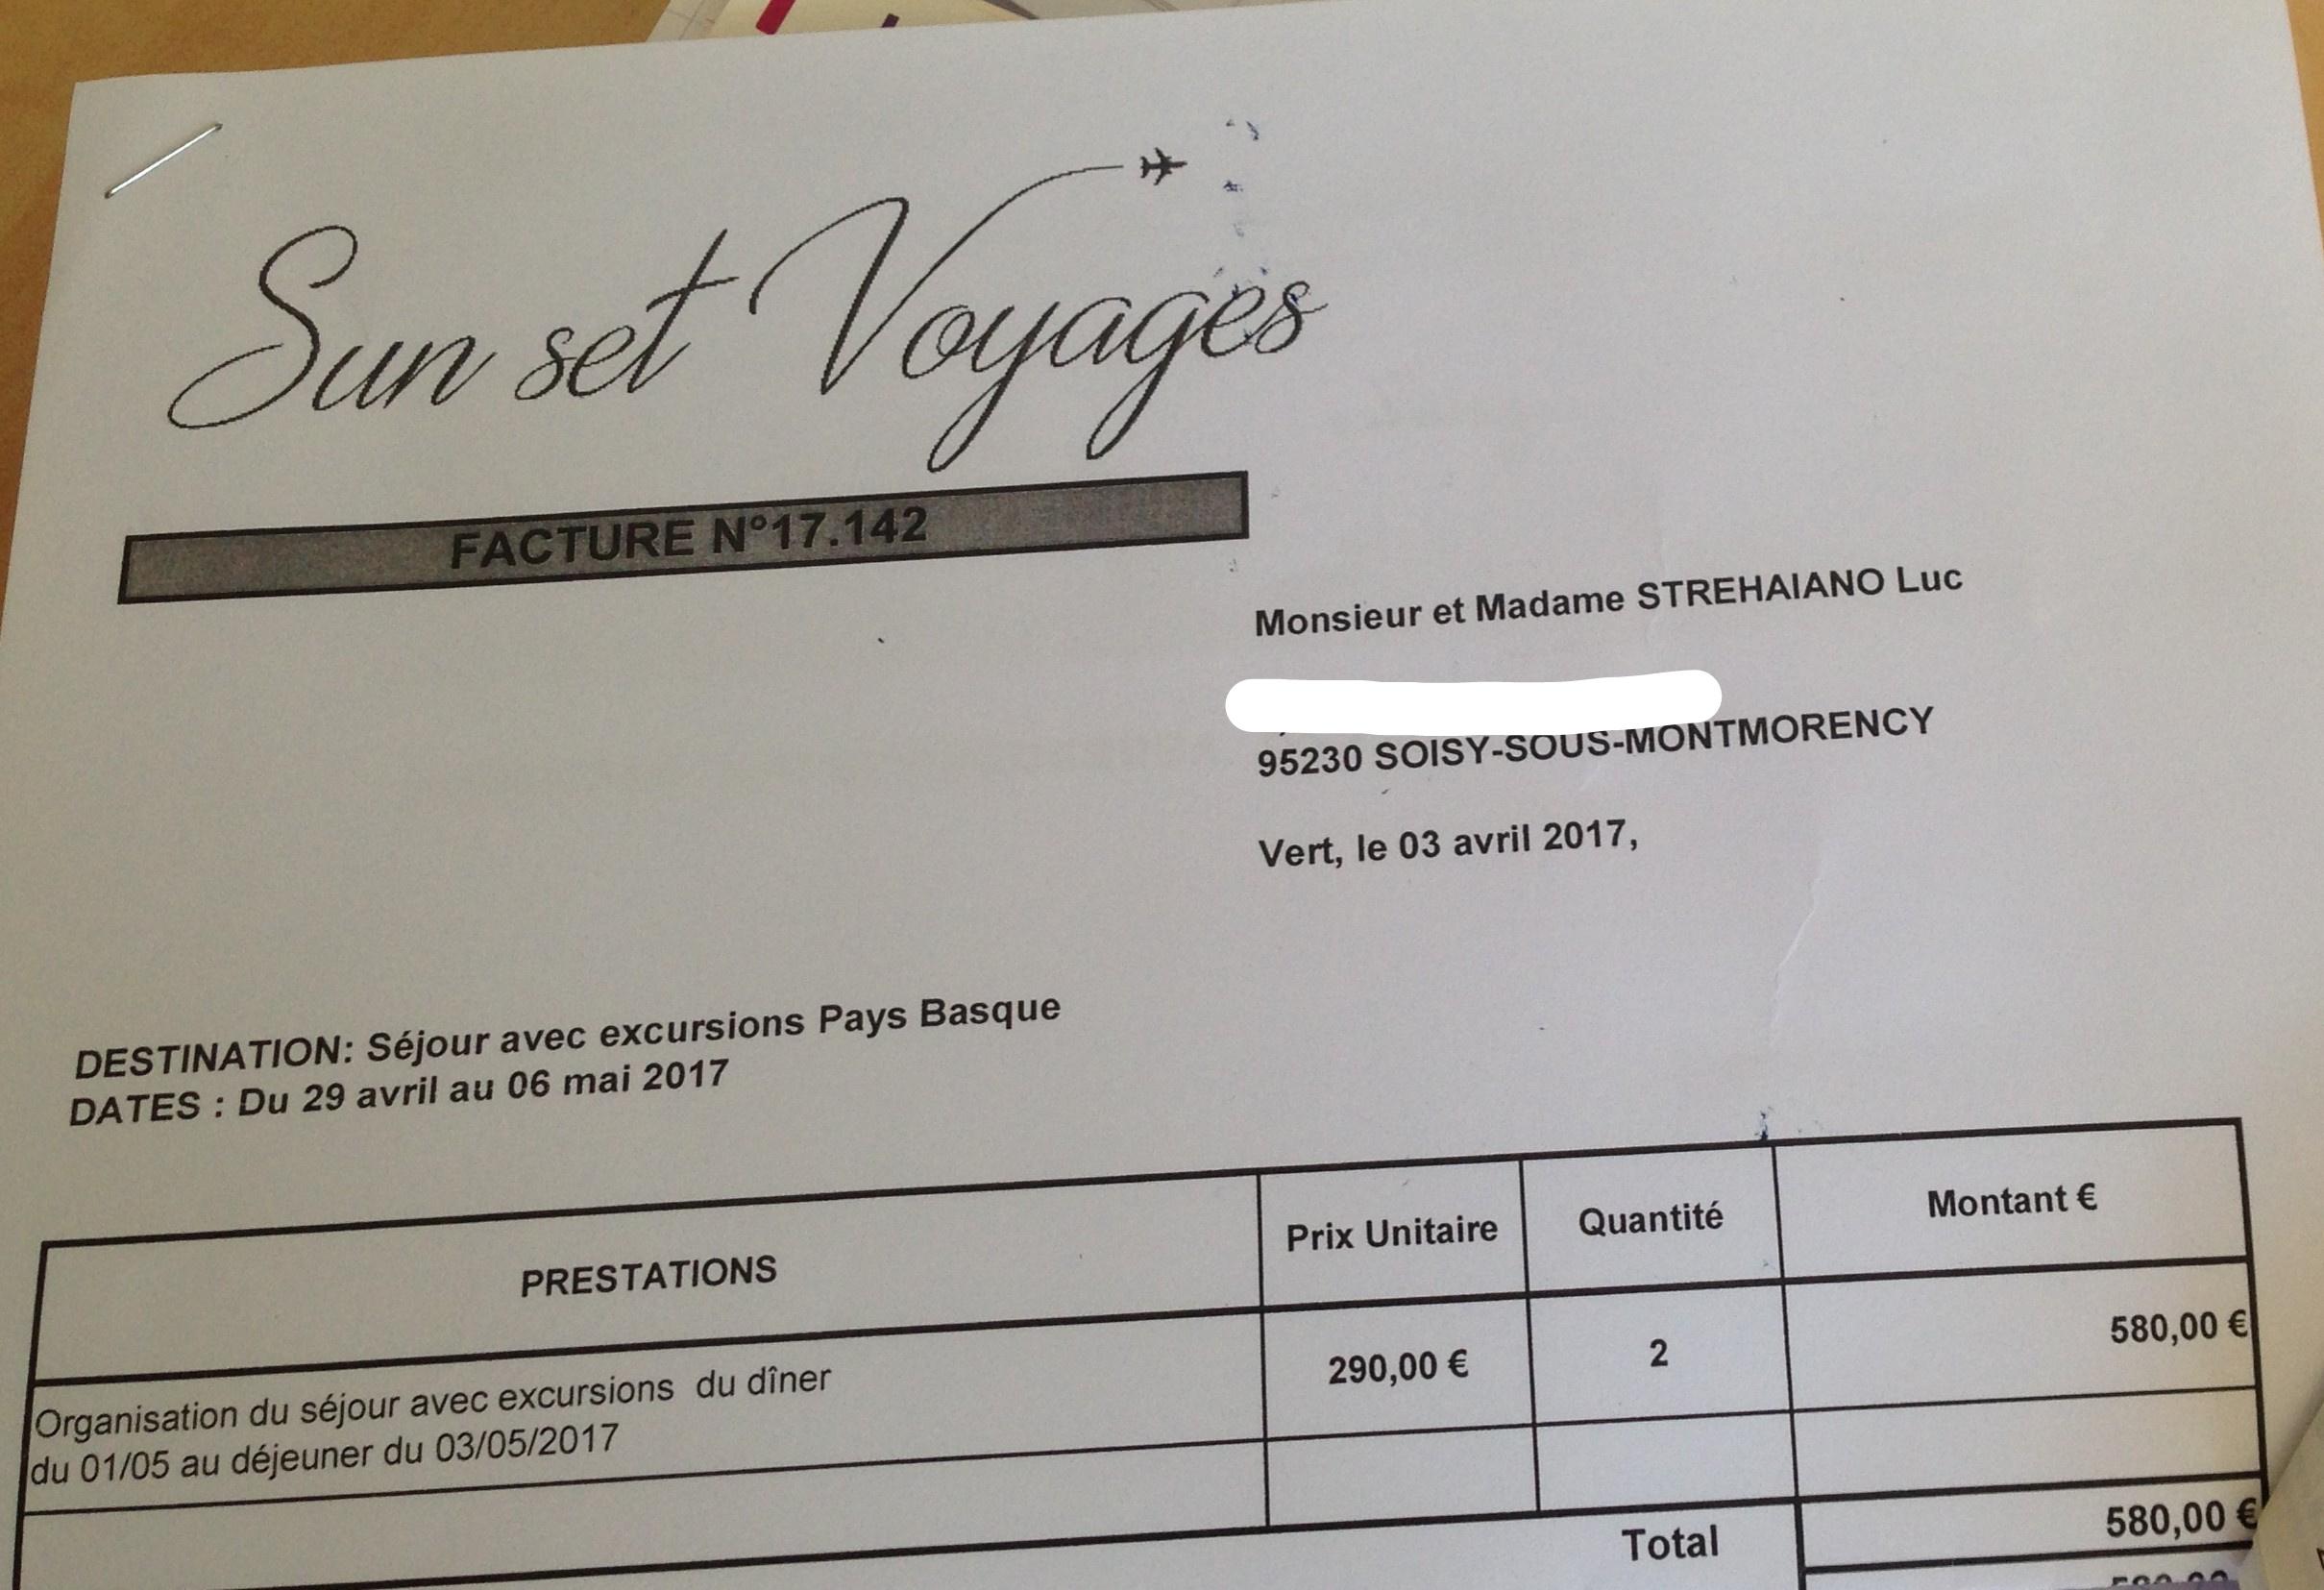 facture séjour pays bas Monsieur et Madame Strehaiano